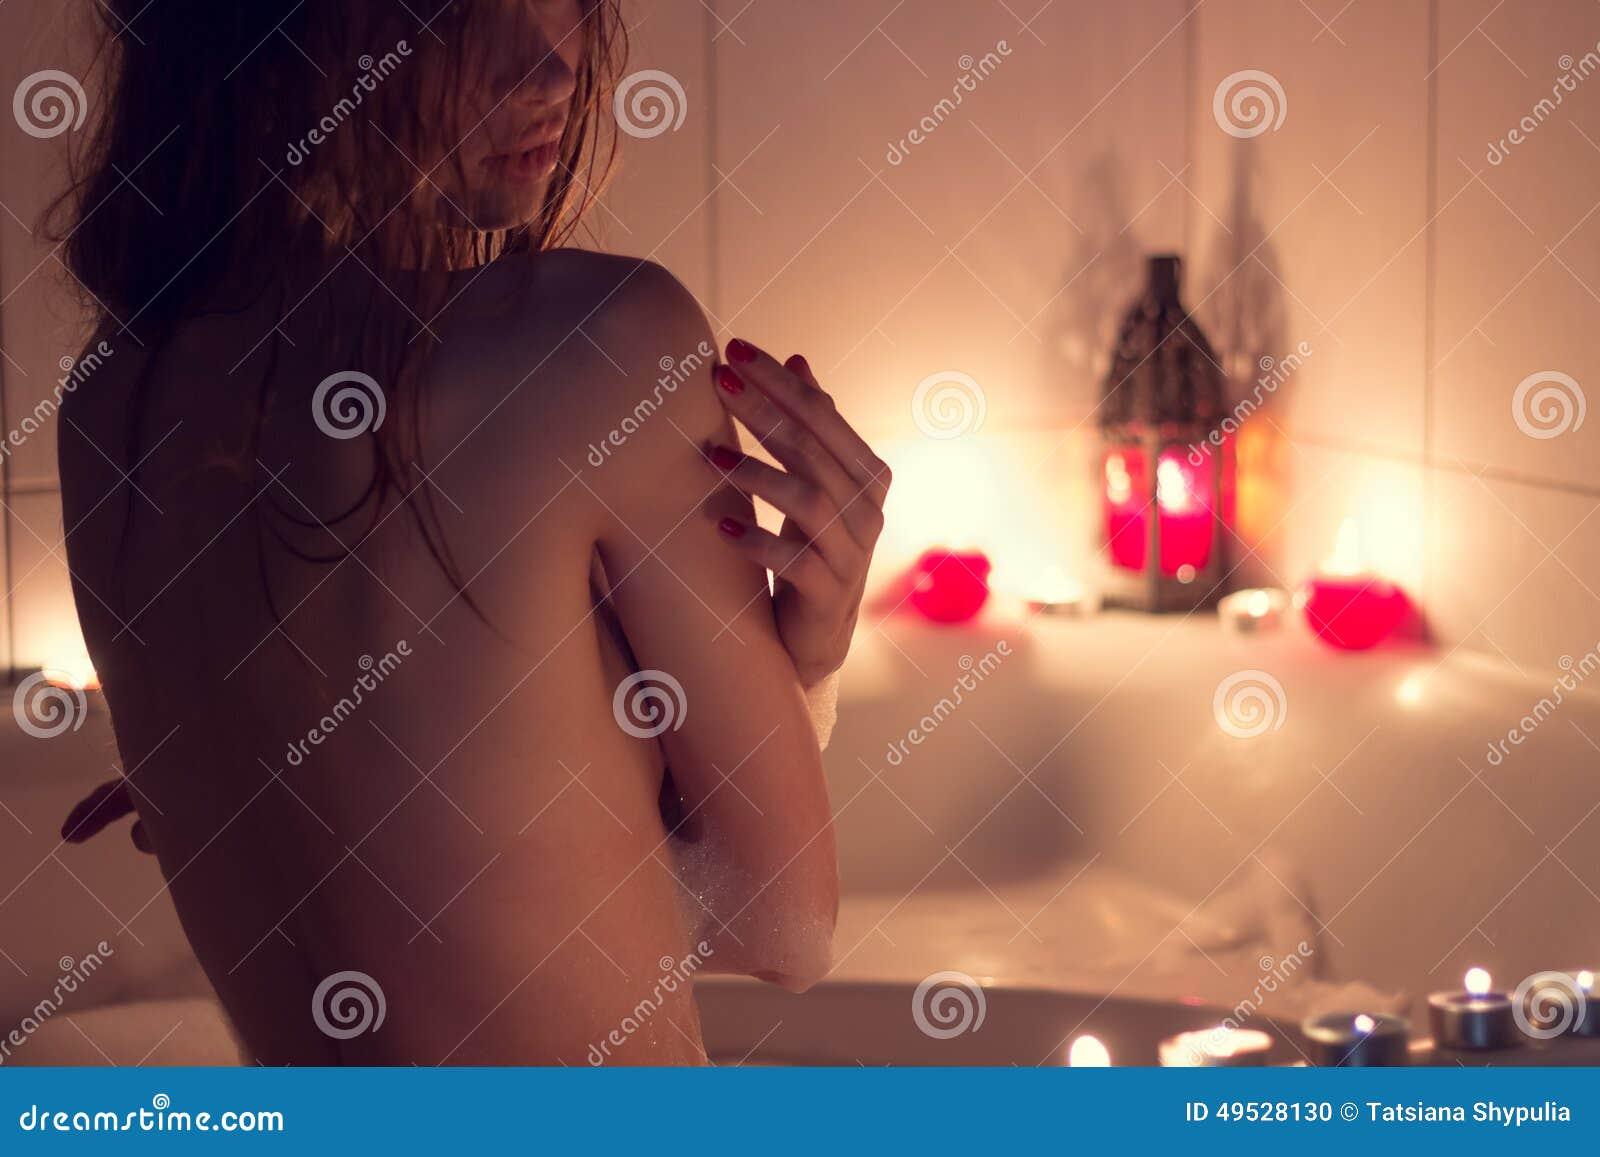 фото девушки в ванне красивое